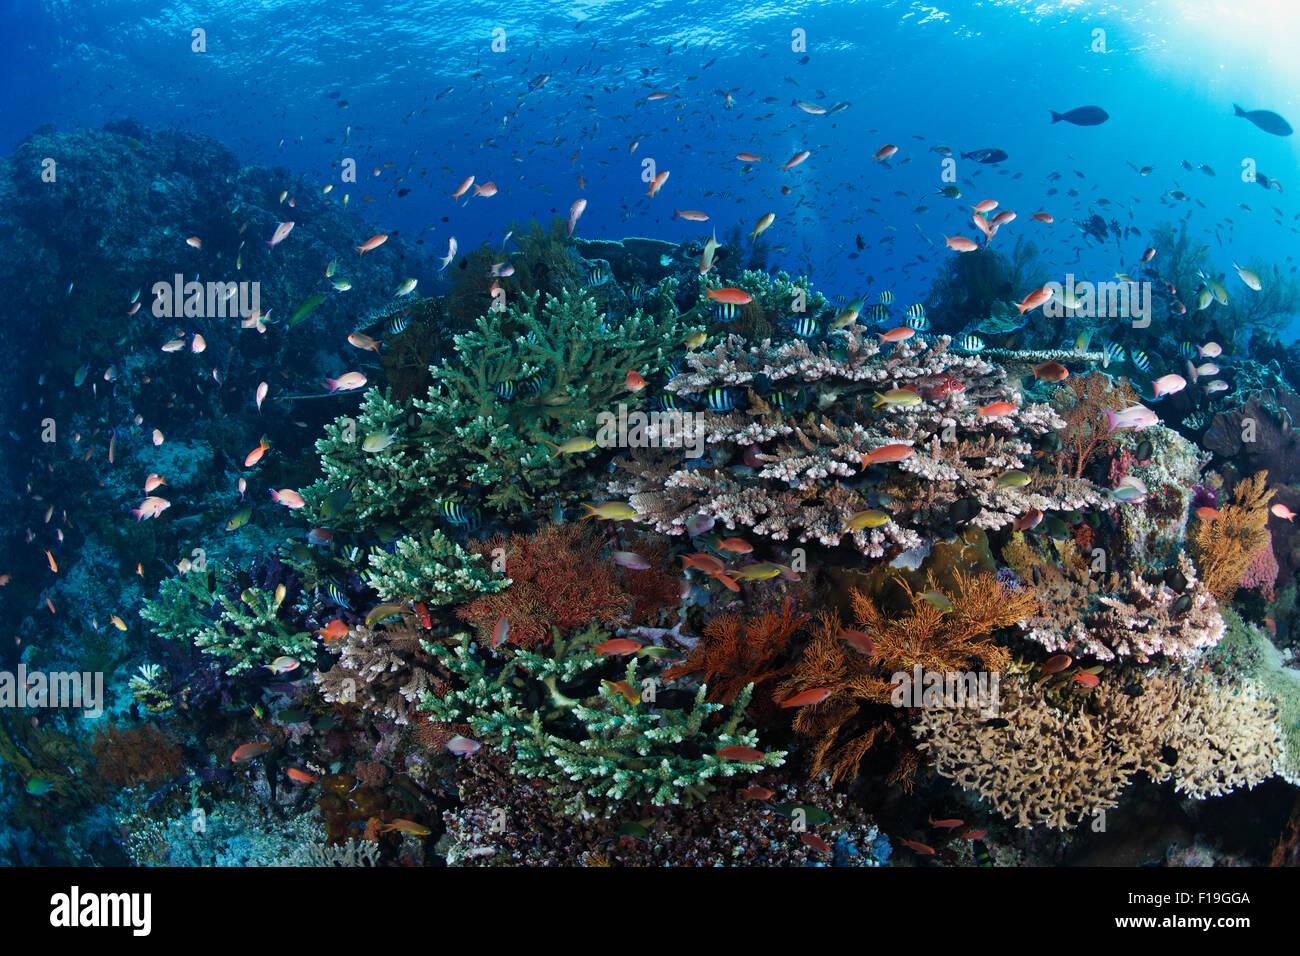 px0660-D. ein gesundes Korallenriff in seiner ganzen Pracht, mit vielen Fischen und Korallen Arten gedeihen. Indonesien, Stockbild